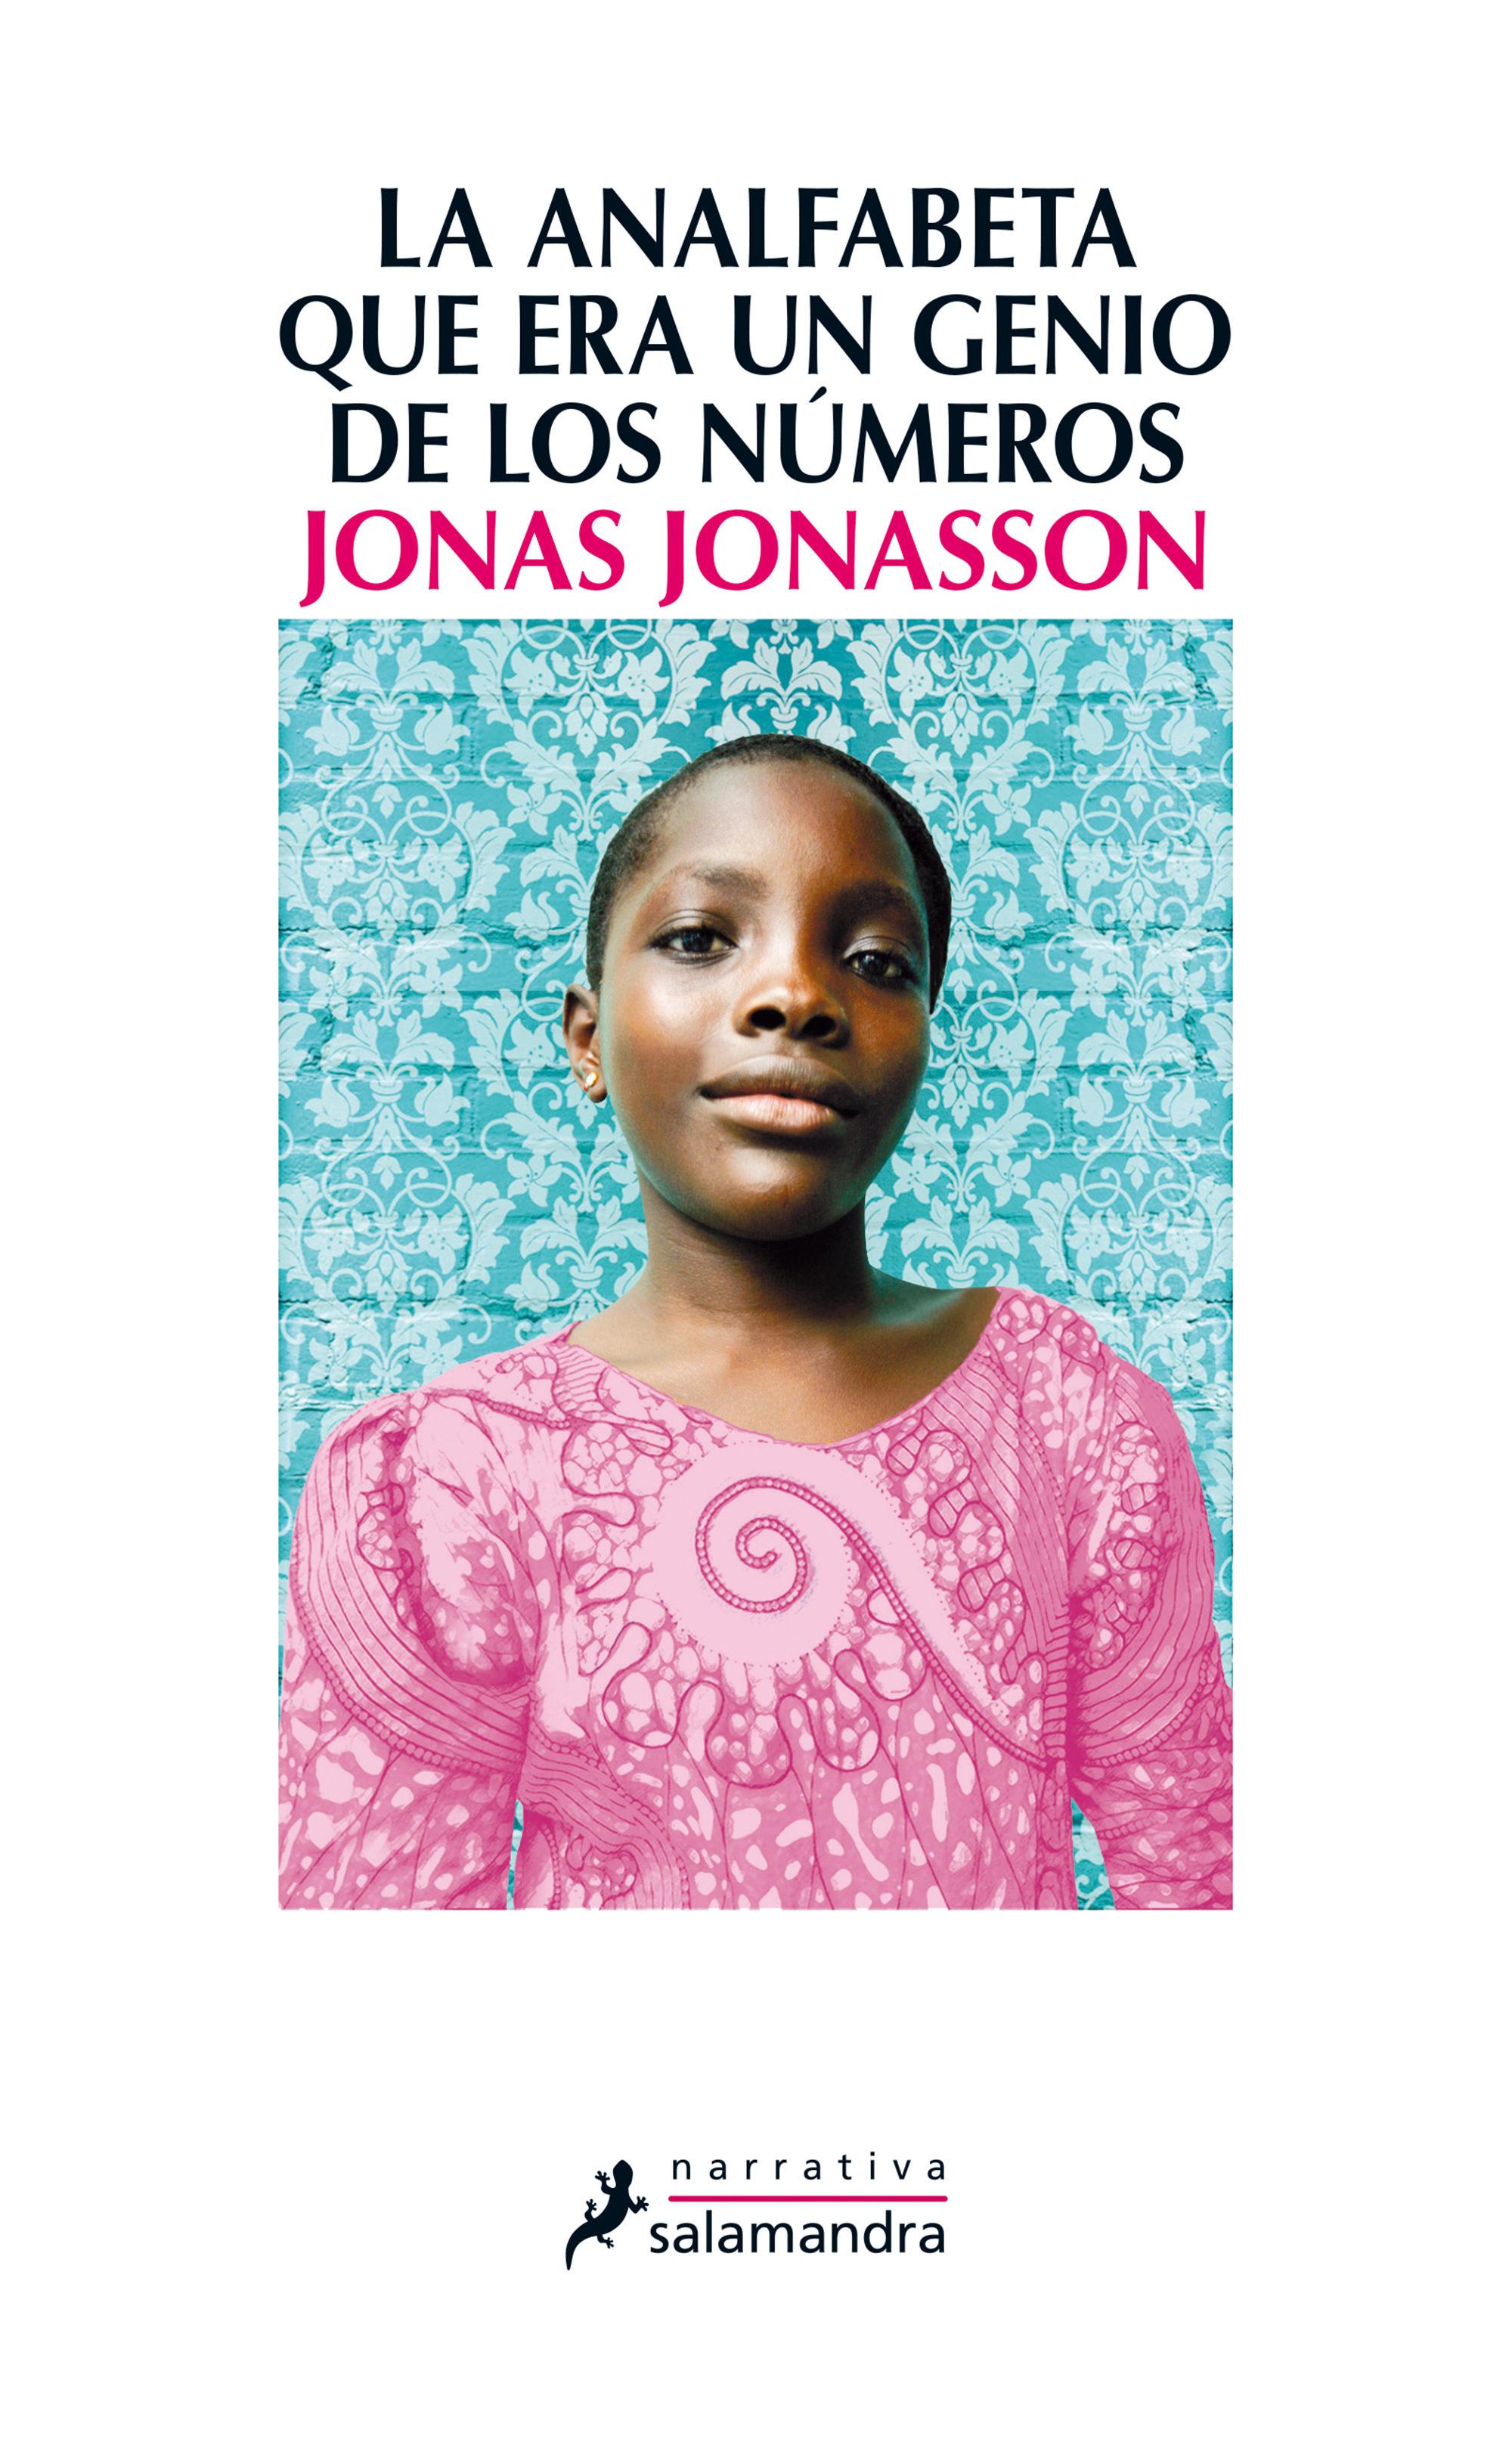 La Analfabeta Que Era Un Genio De Los Números   por Jonas Jonasson